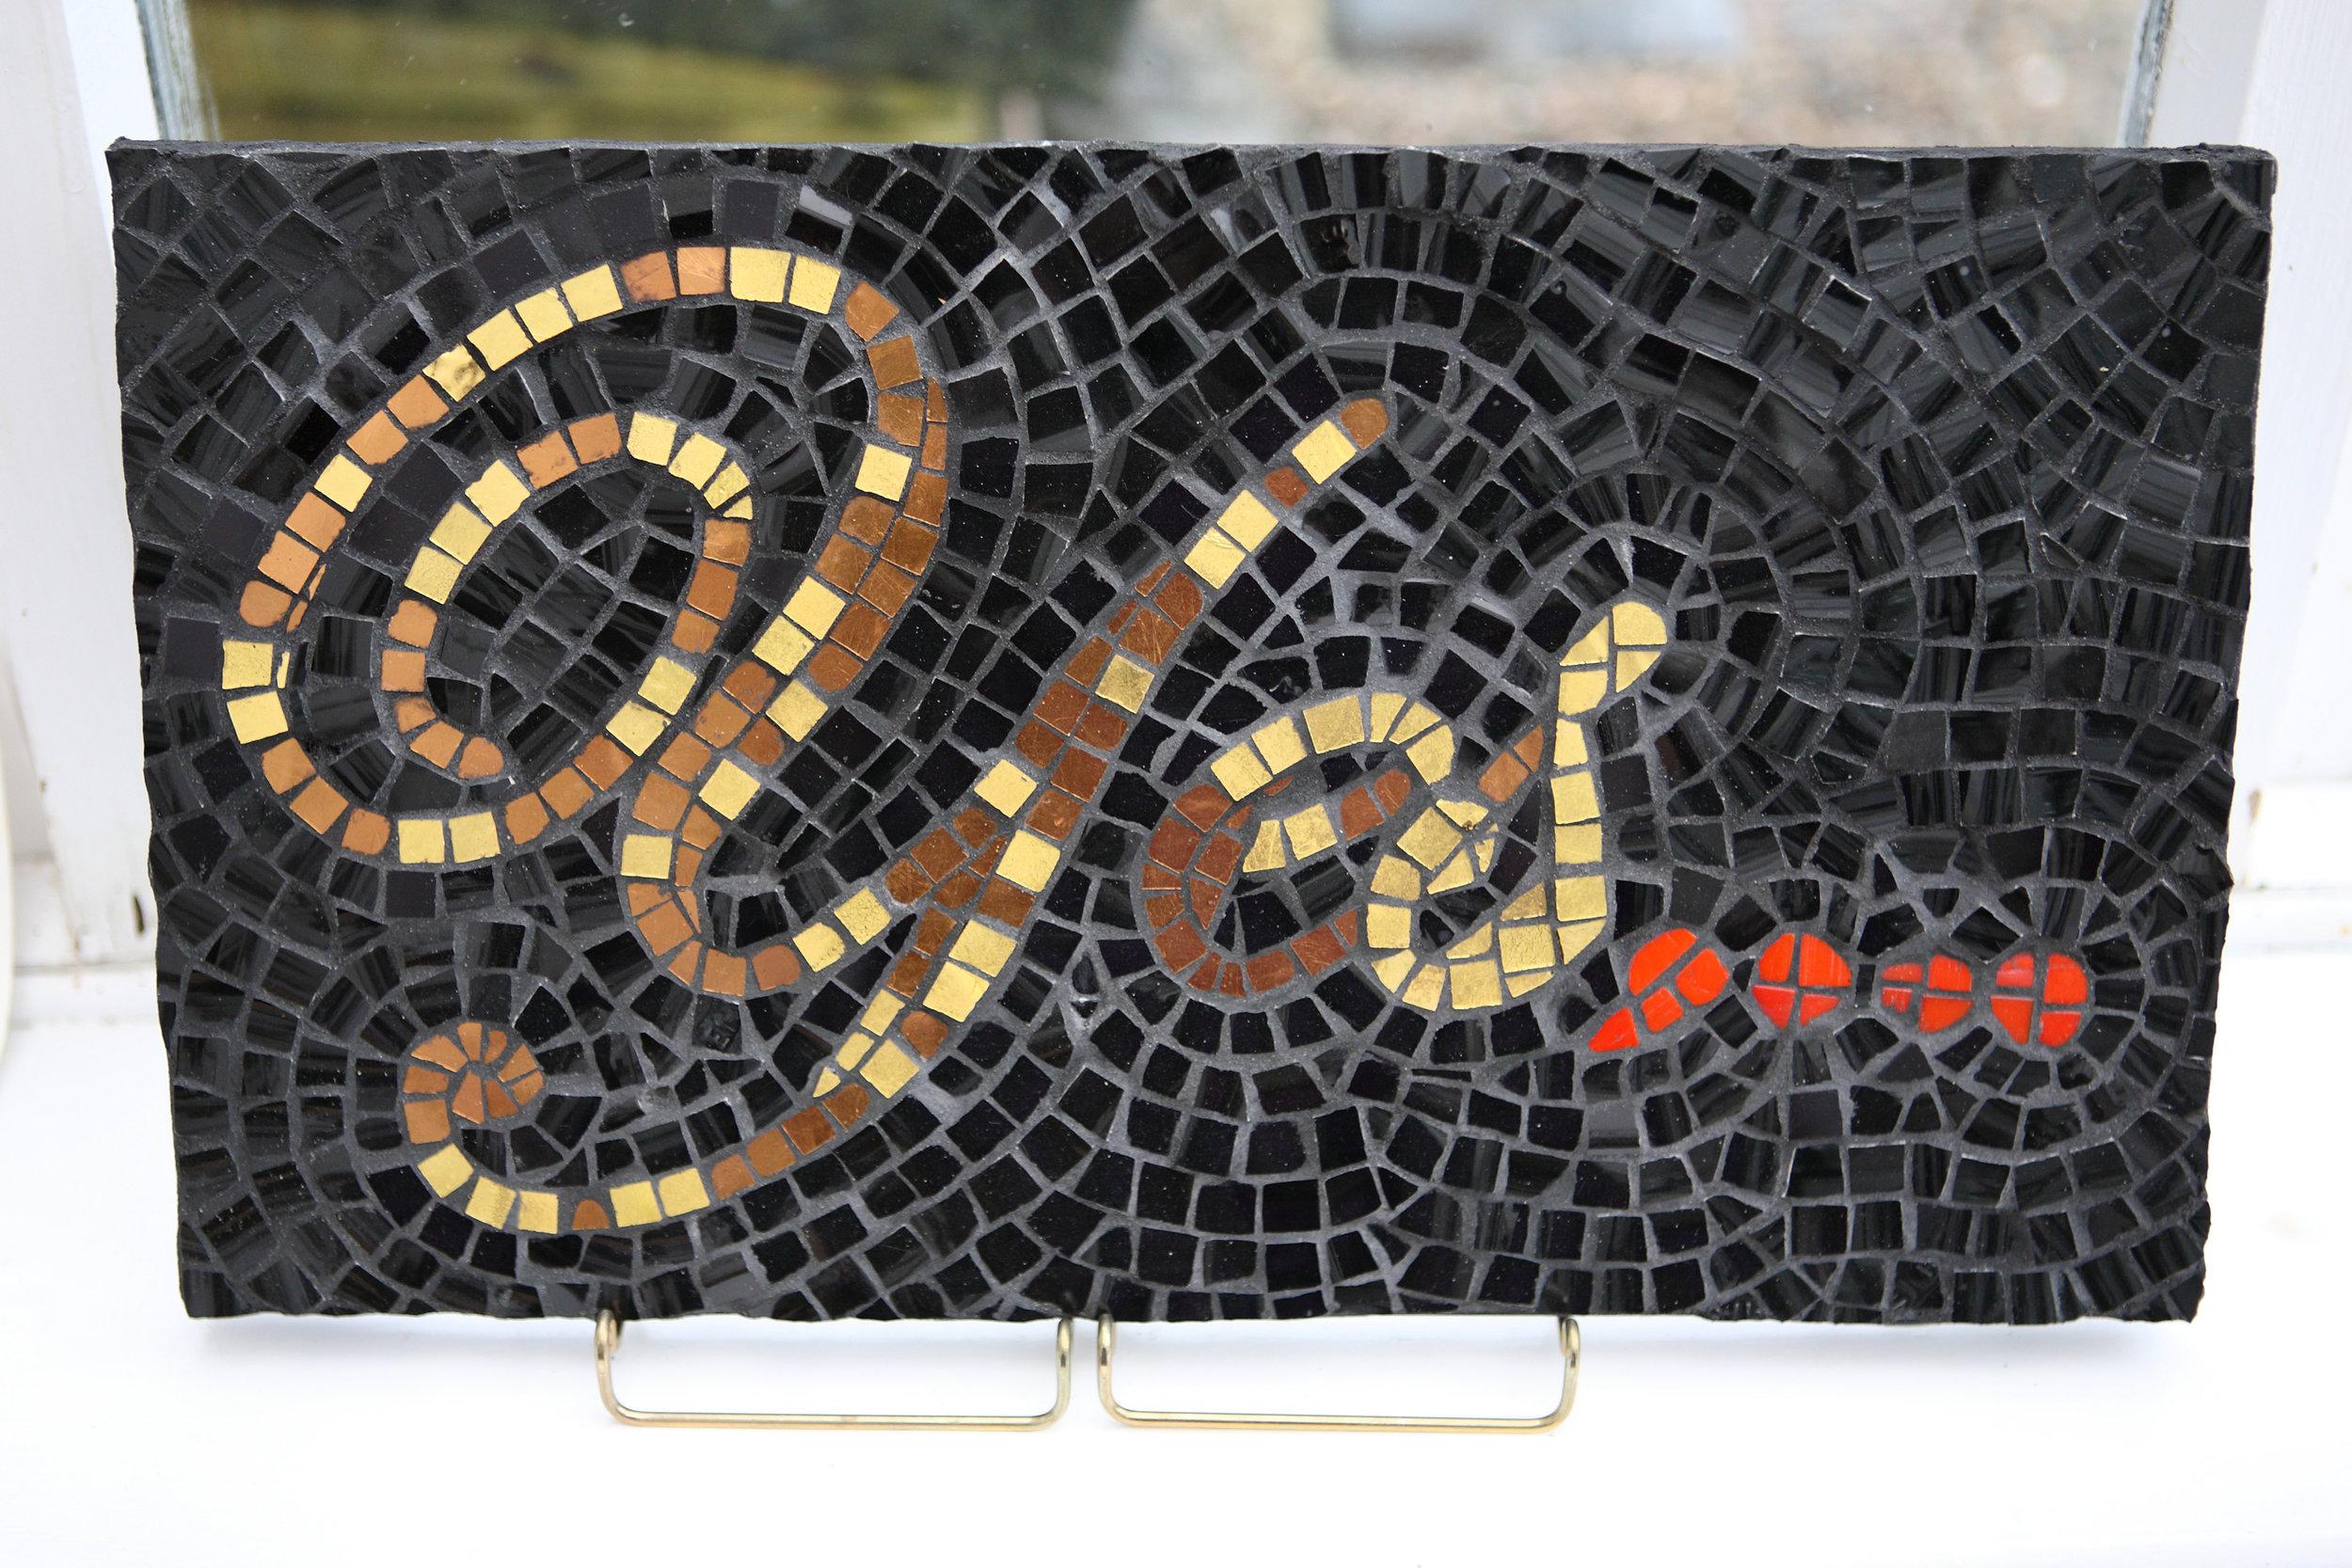 Mosaic_058.JPG